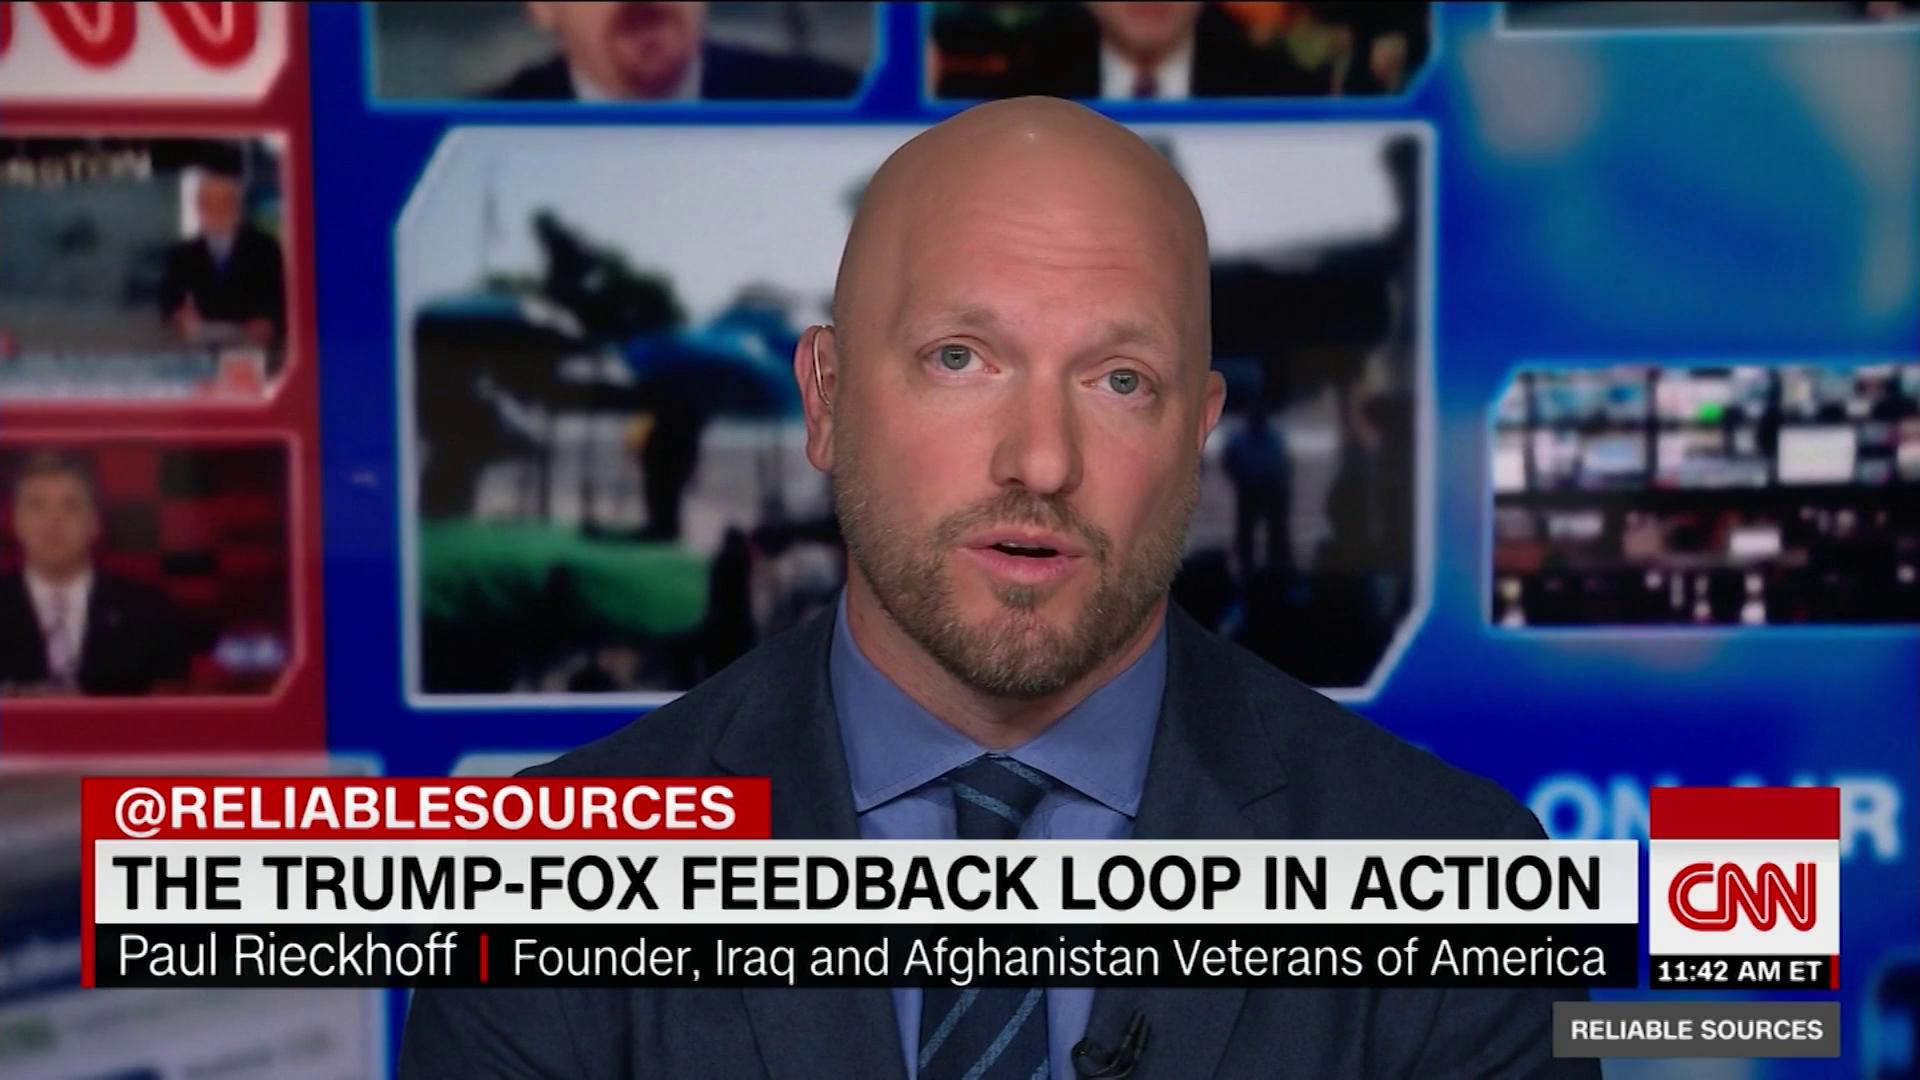 Iraq Vet Warns Trump On Pardoning War Criminals